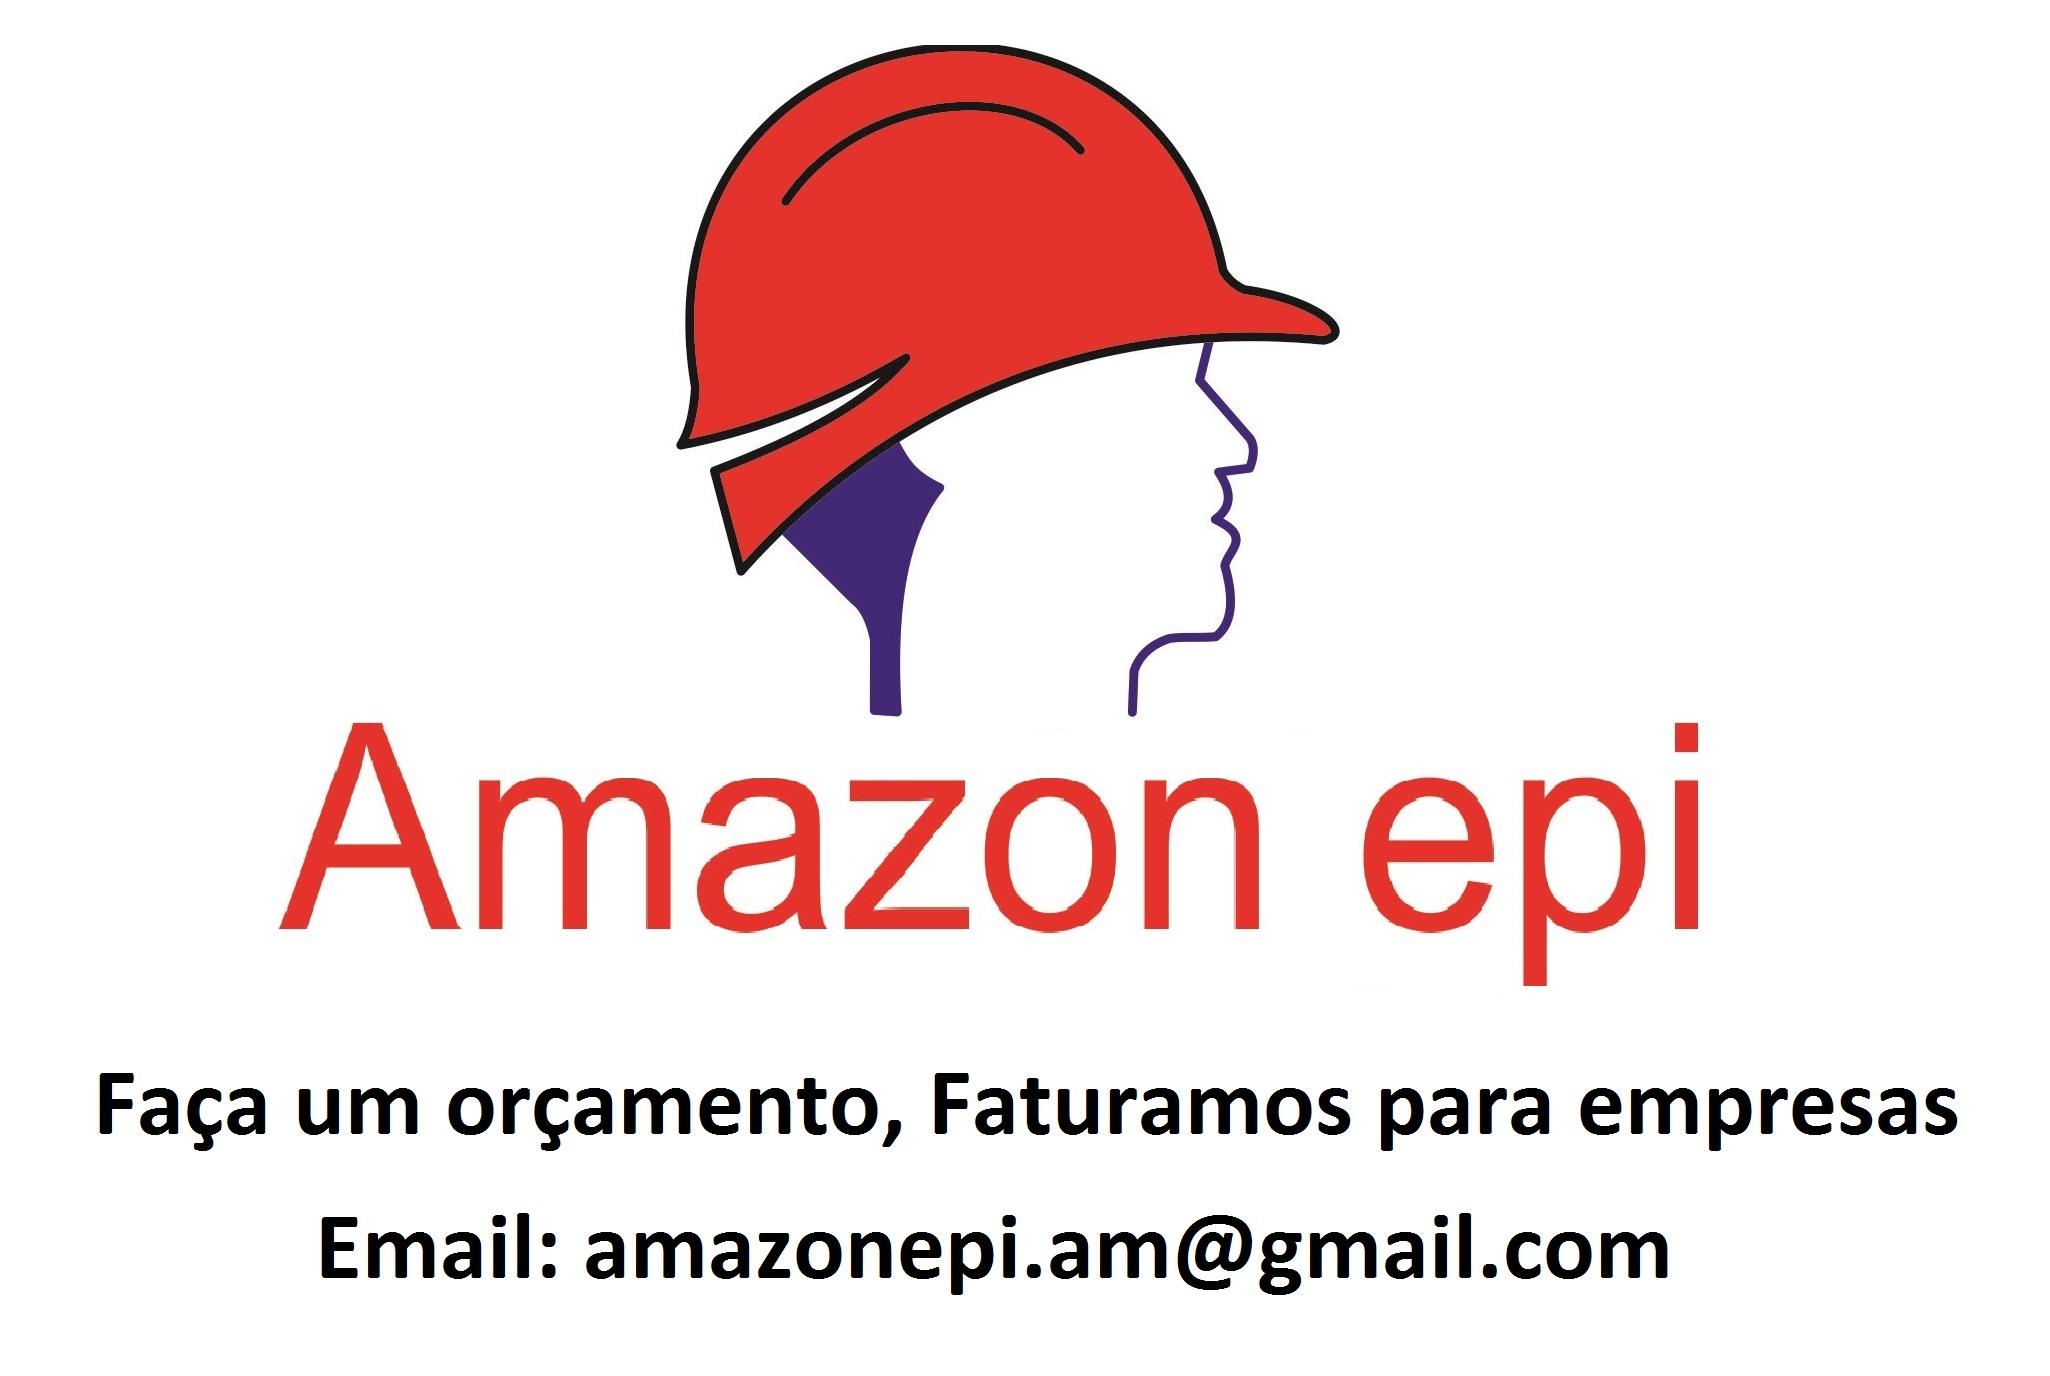 Amazon Epi. Equipamento De Proteção Individual Manaus, Epi Manaus Am, Botas de Segurança Em Manaus, Equipamento segurança manaus, Lojas De Epi manaus, luva, óculos de proteção, avental, mascara, touca